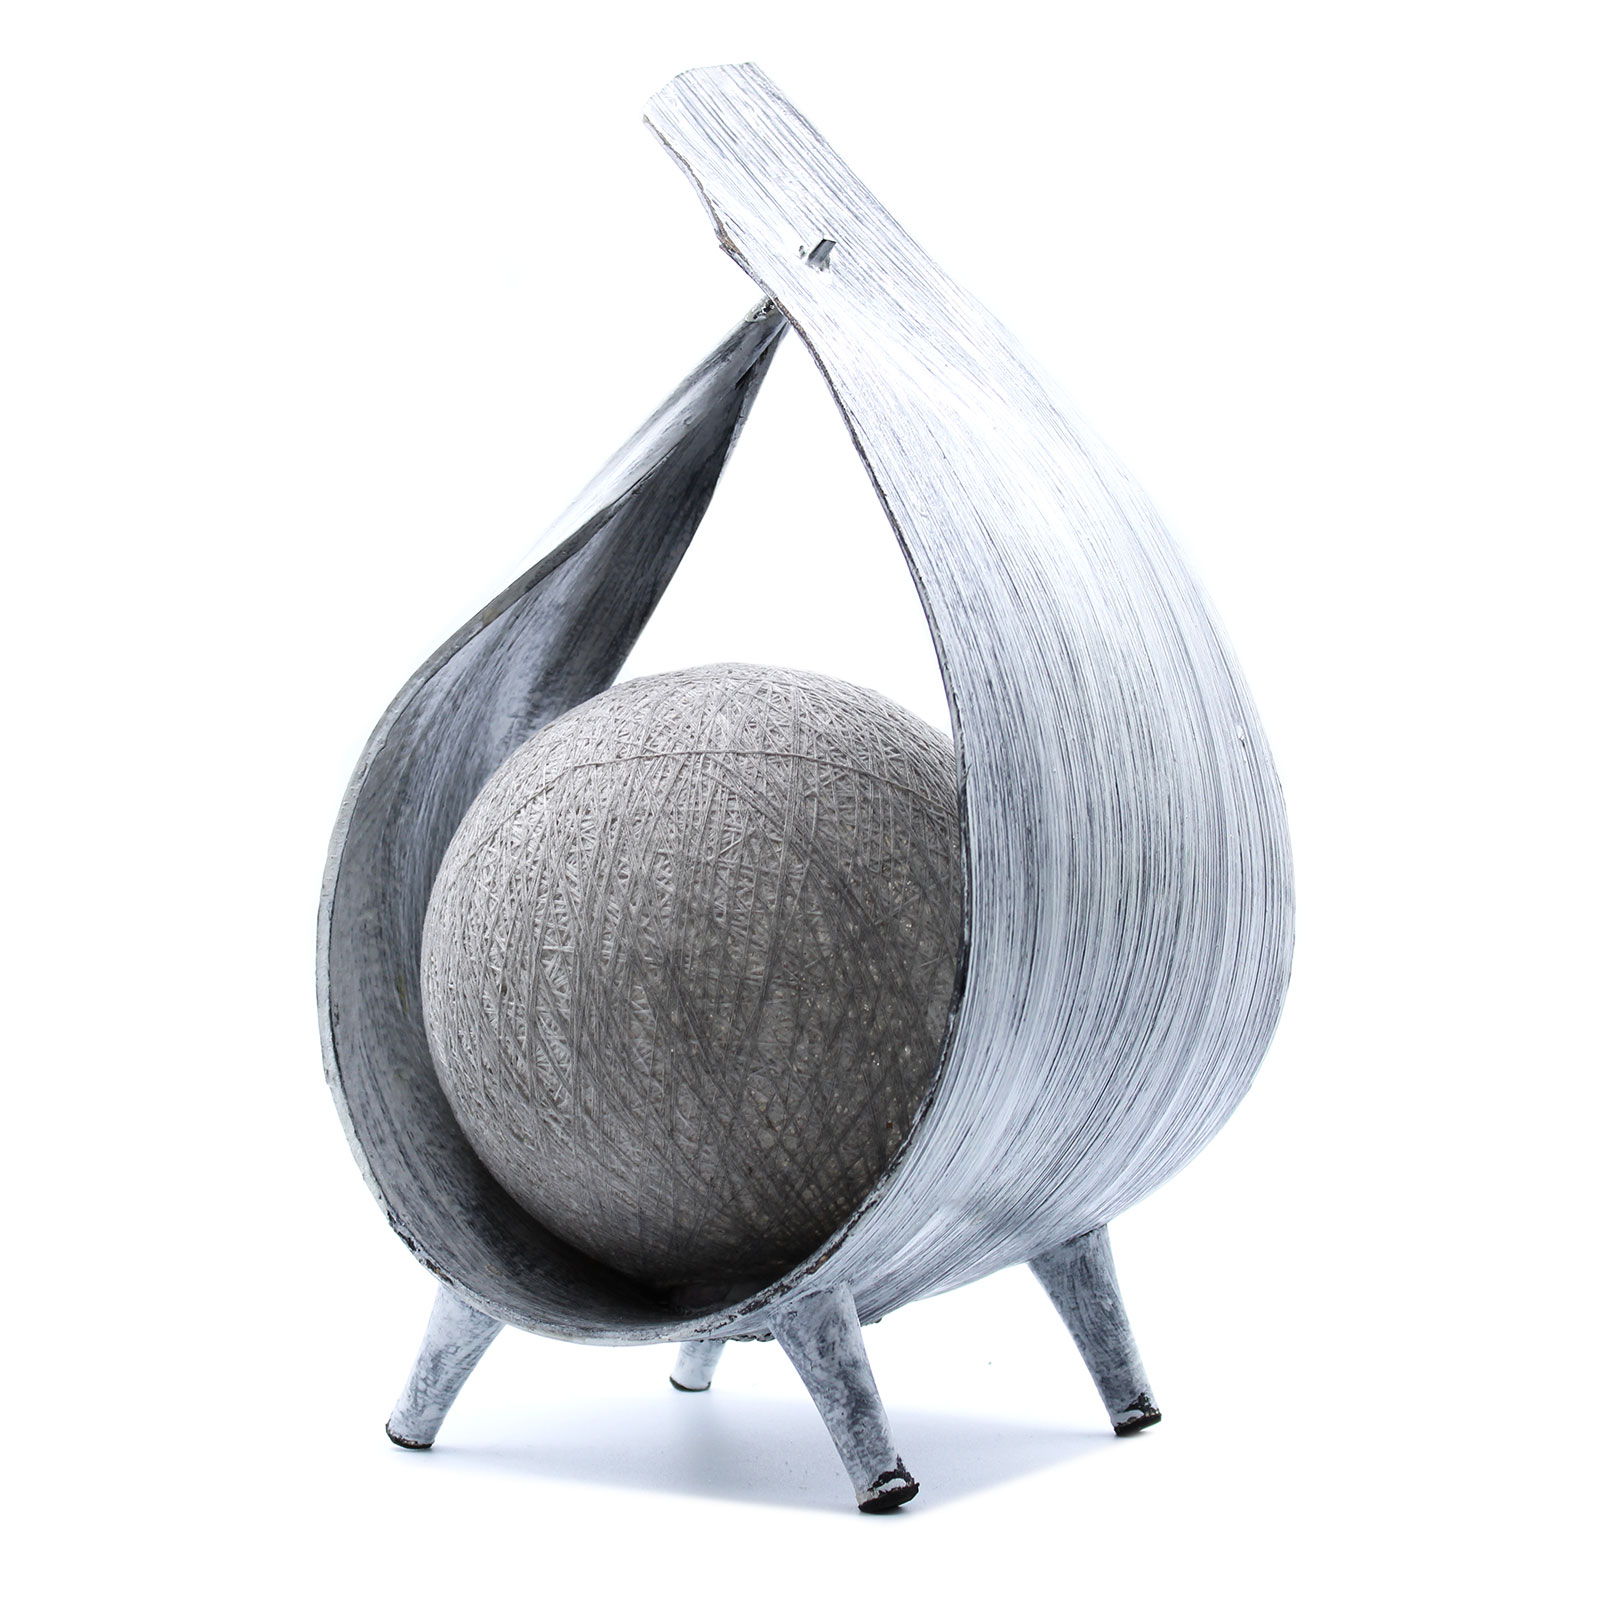 greywash coconut lamp